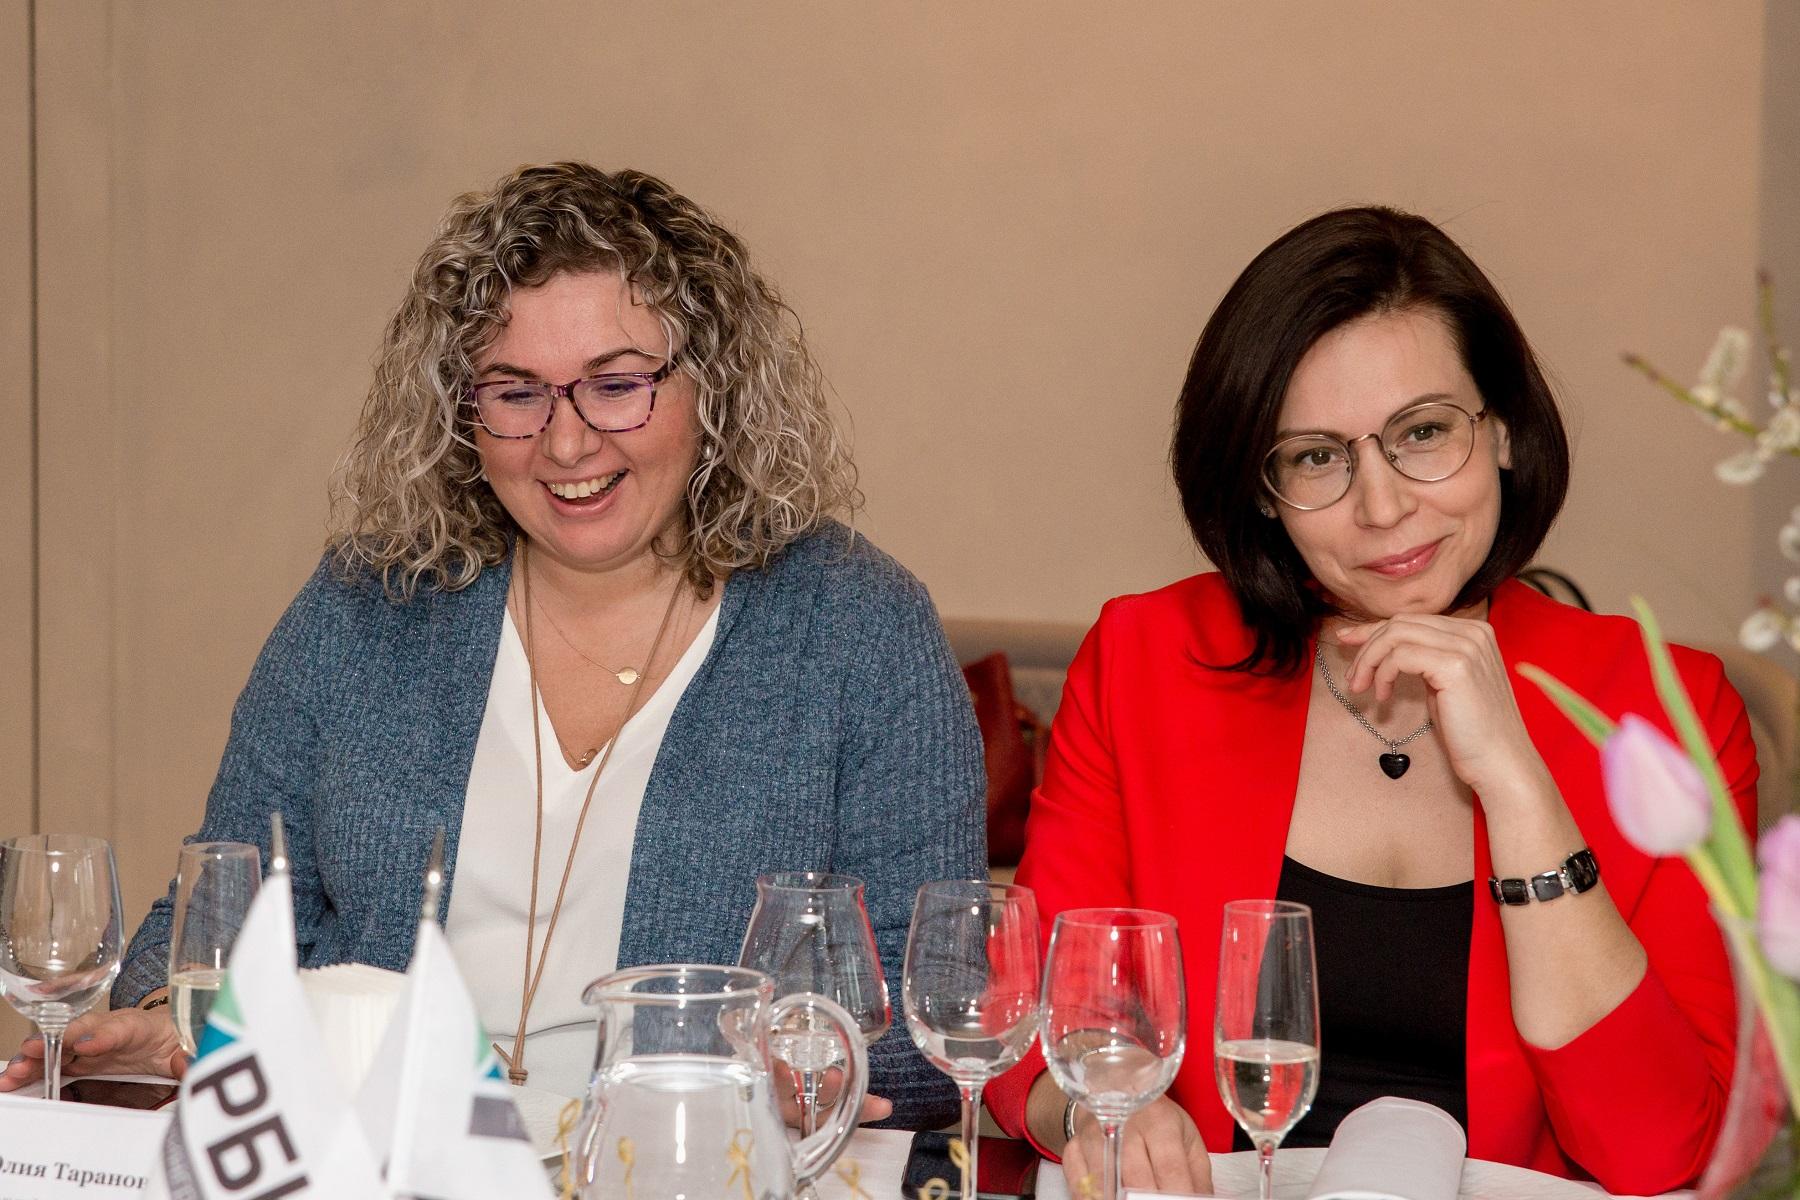 Фото: Юлия Таранова и Анна Хлевтова